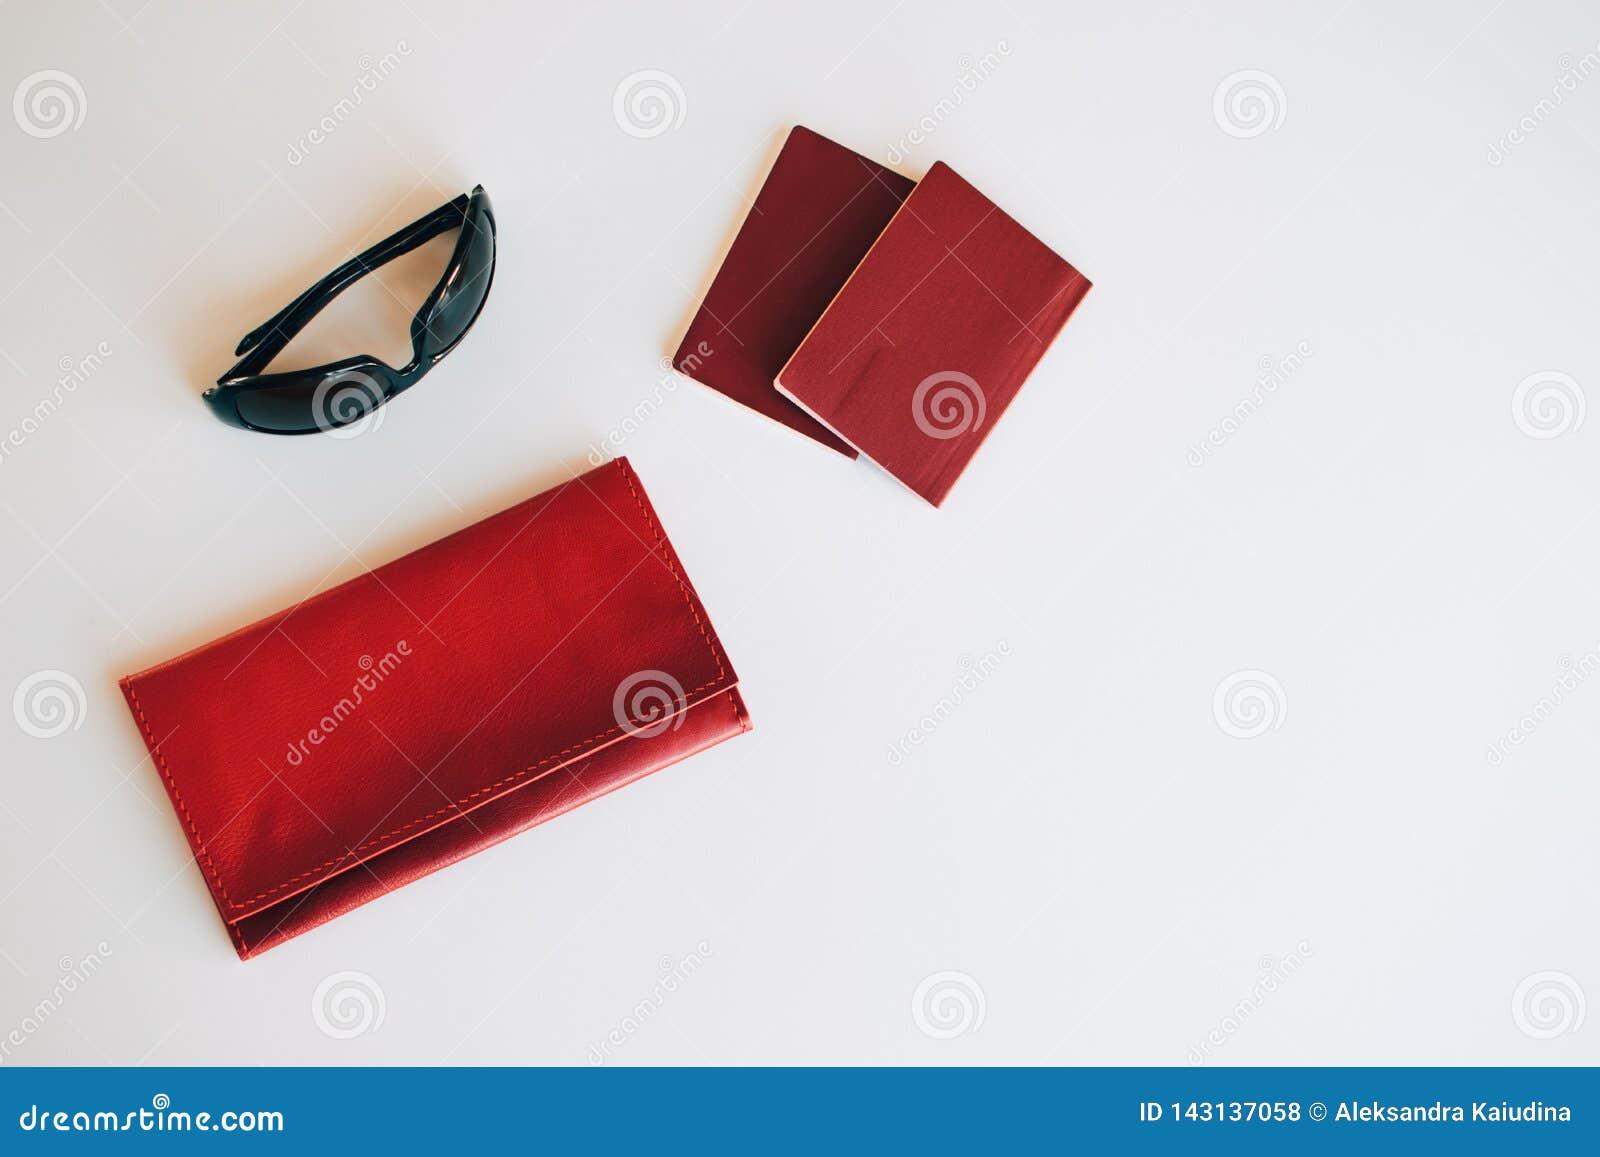 Χρυσή καλλυντική τσάντα με τα καλλυντικά προϊόντα